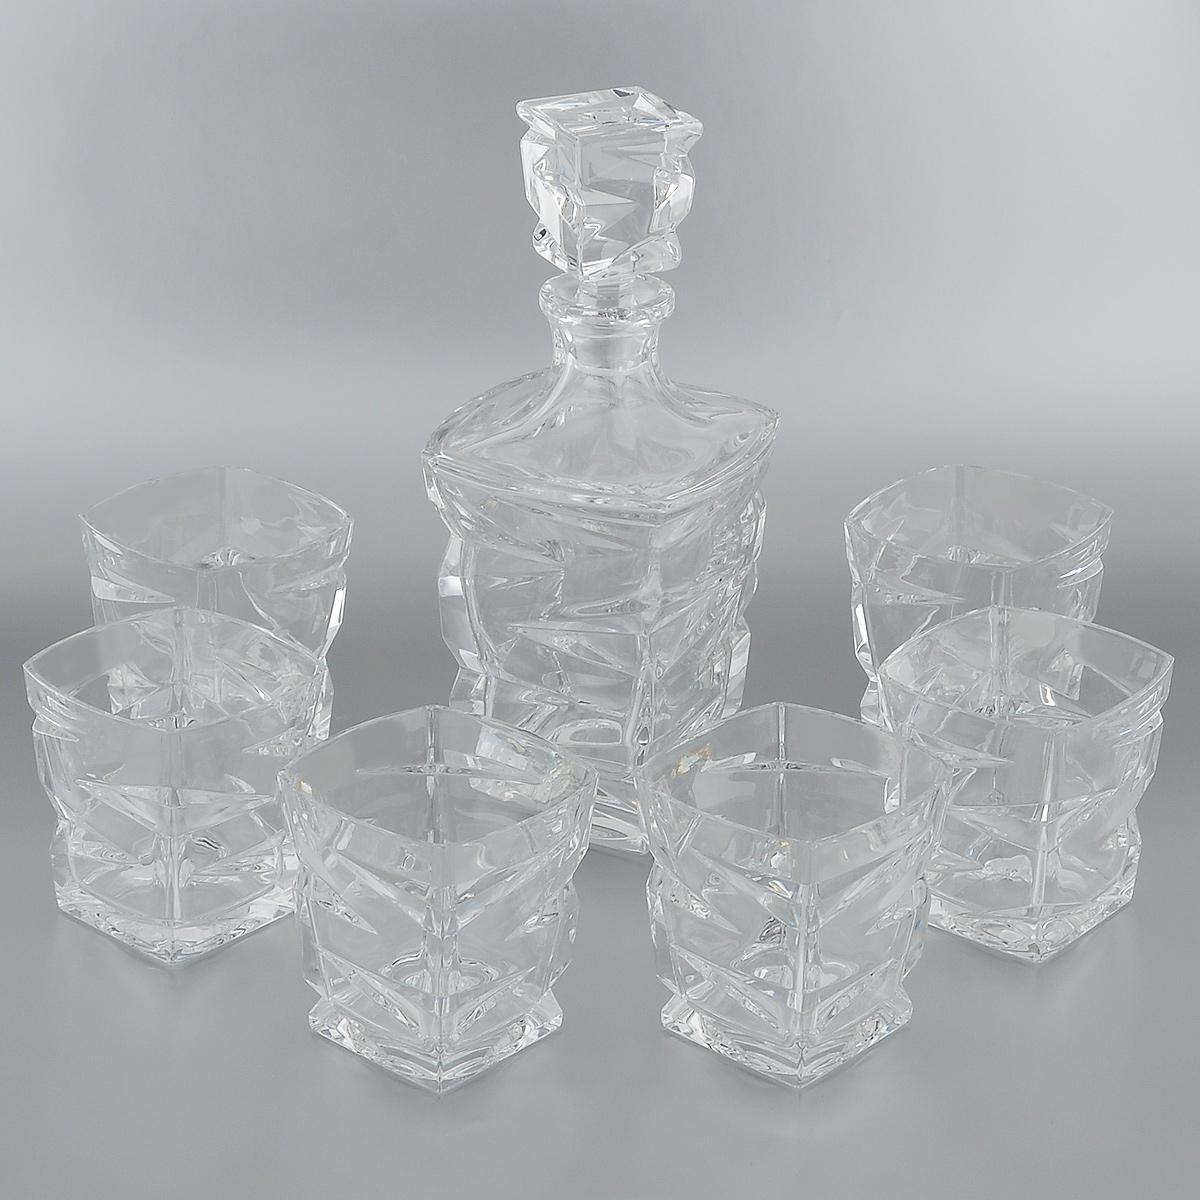 Набор для виски Crystal Bohemia, 7 предметов. 990/99999/9/59418/688-709990/99999/9/59418/688-709Набор для виски Crystal Bohemia состоит из штофа и шести стаканов. Изделия выполнены из прочного высококачественного хрусталя и декорированы рельефом. Они излучают приятный блеск и издают мелодичный звон. Набор предназначен для виски. Набор для виски Crystal Bohemia прекрасно оформит интерьер кабинета или гостиной и станет отличным дополнением бара. Такой набор также станет хорошим подарком к любому случаю. Объем штофа: 750 мл.Высота штофа (без крышки): 20 см.Объем стакана: 300 мл.Размер стакана по верхнему краю: 9 см х 9 см.Высота стенок стакана: 10 см.